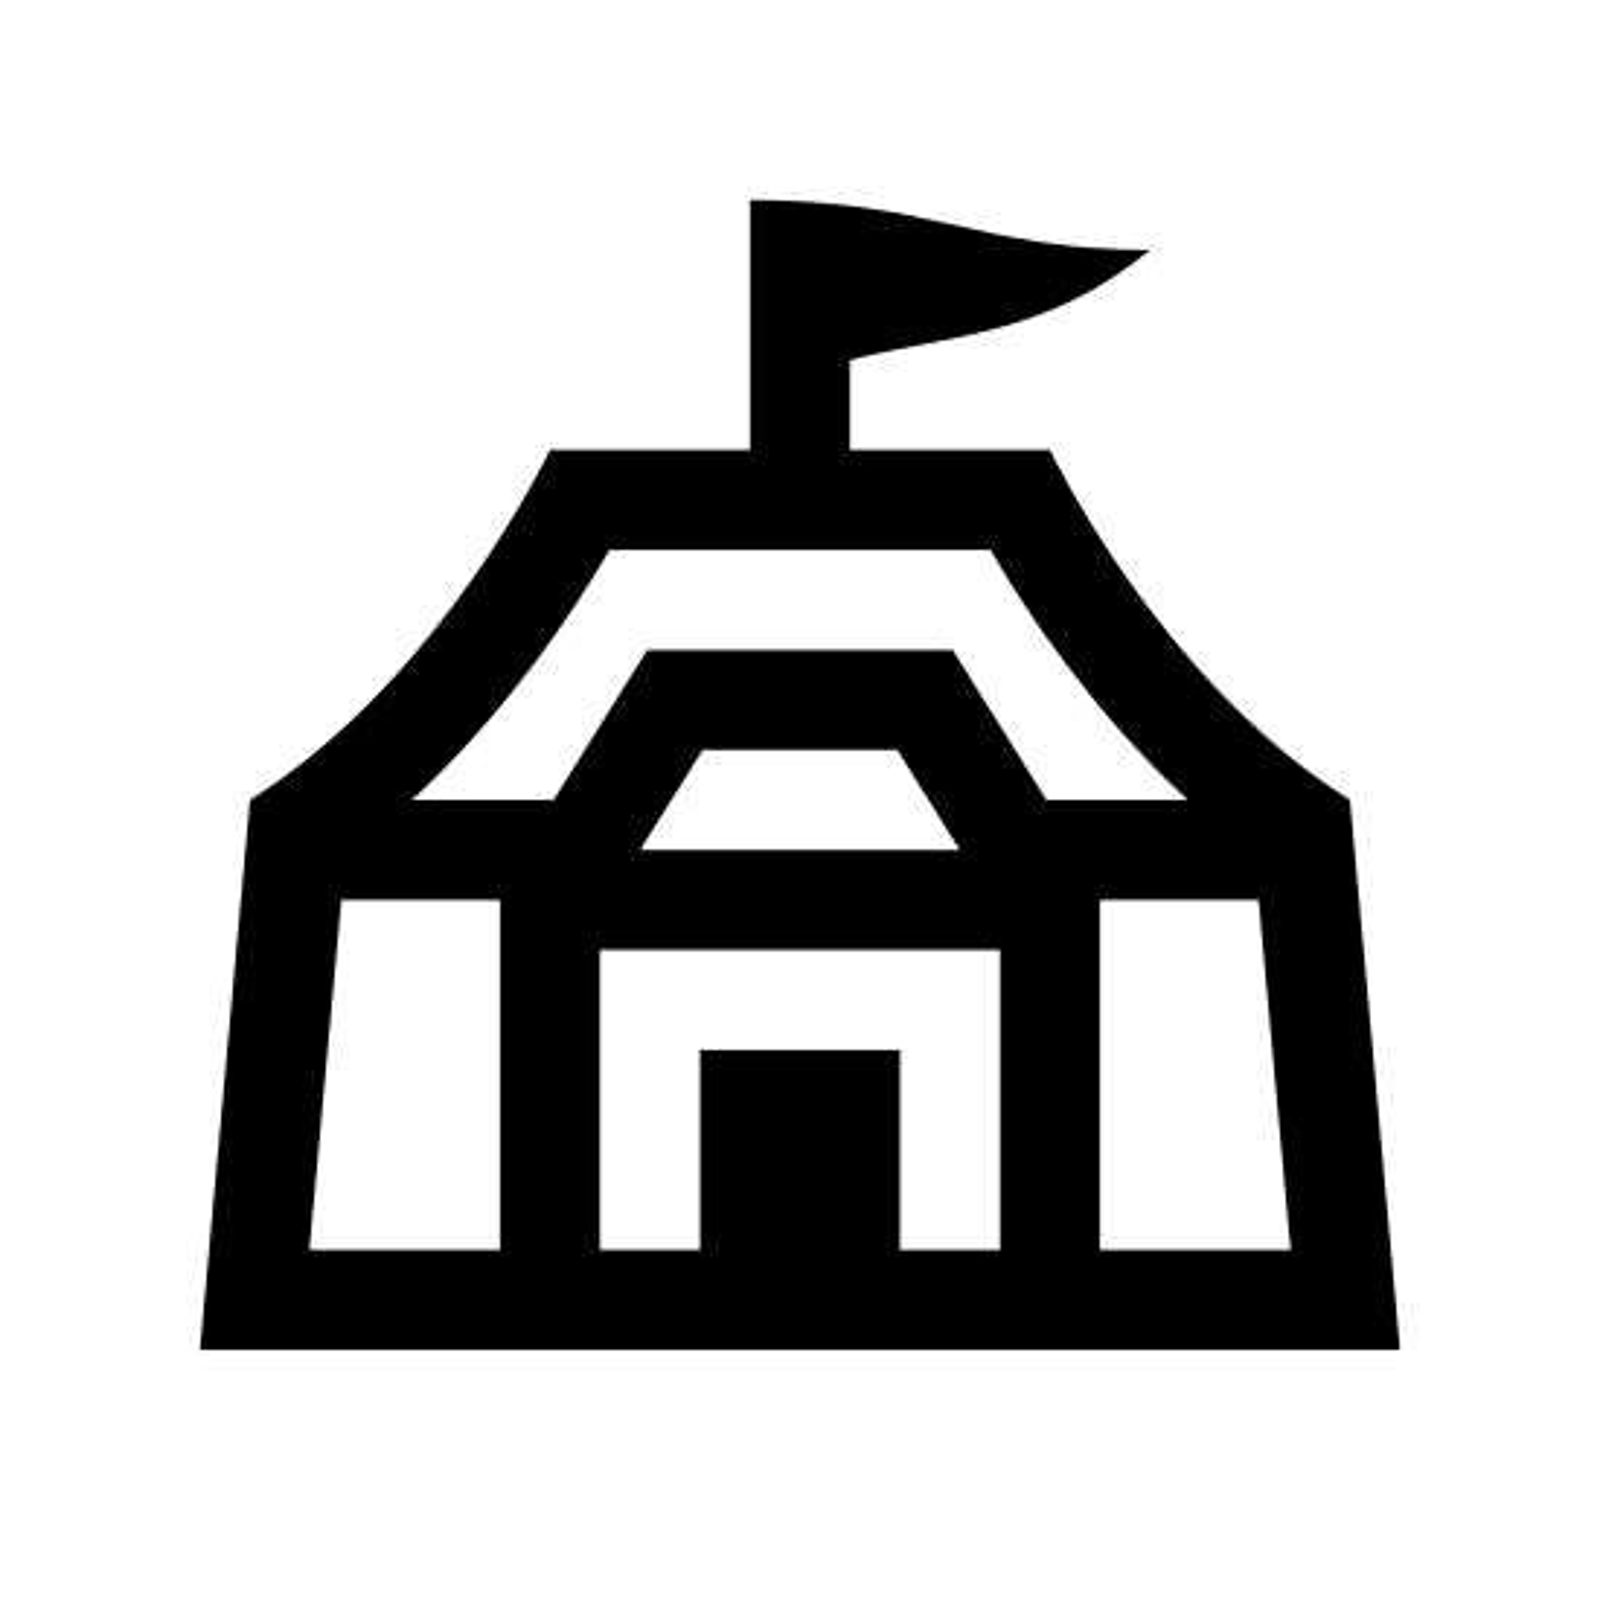 Średniowieczne koszary icon